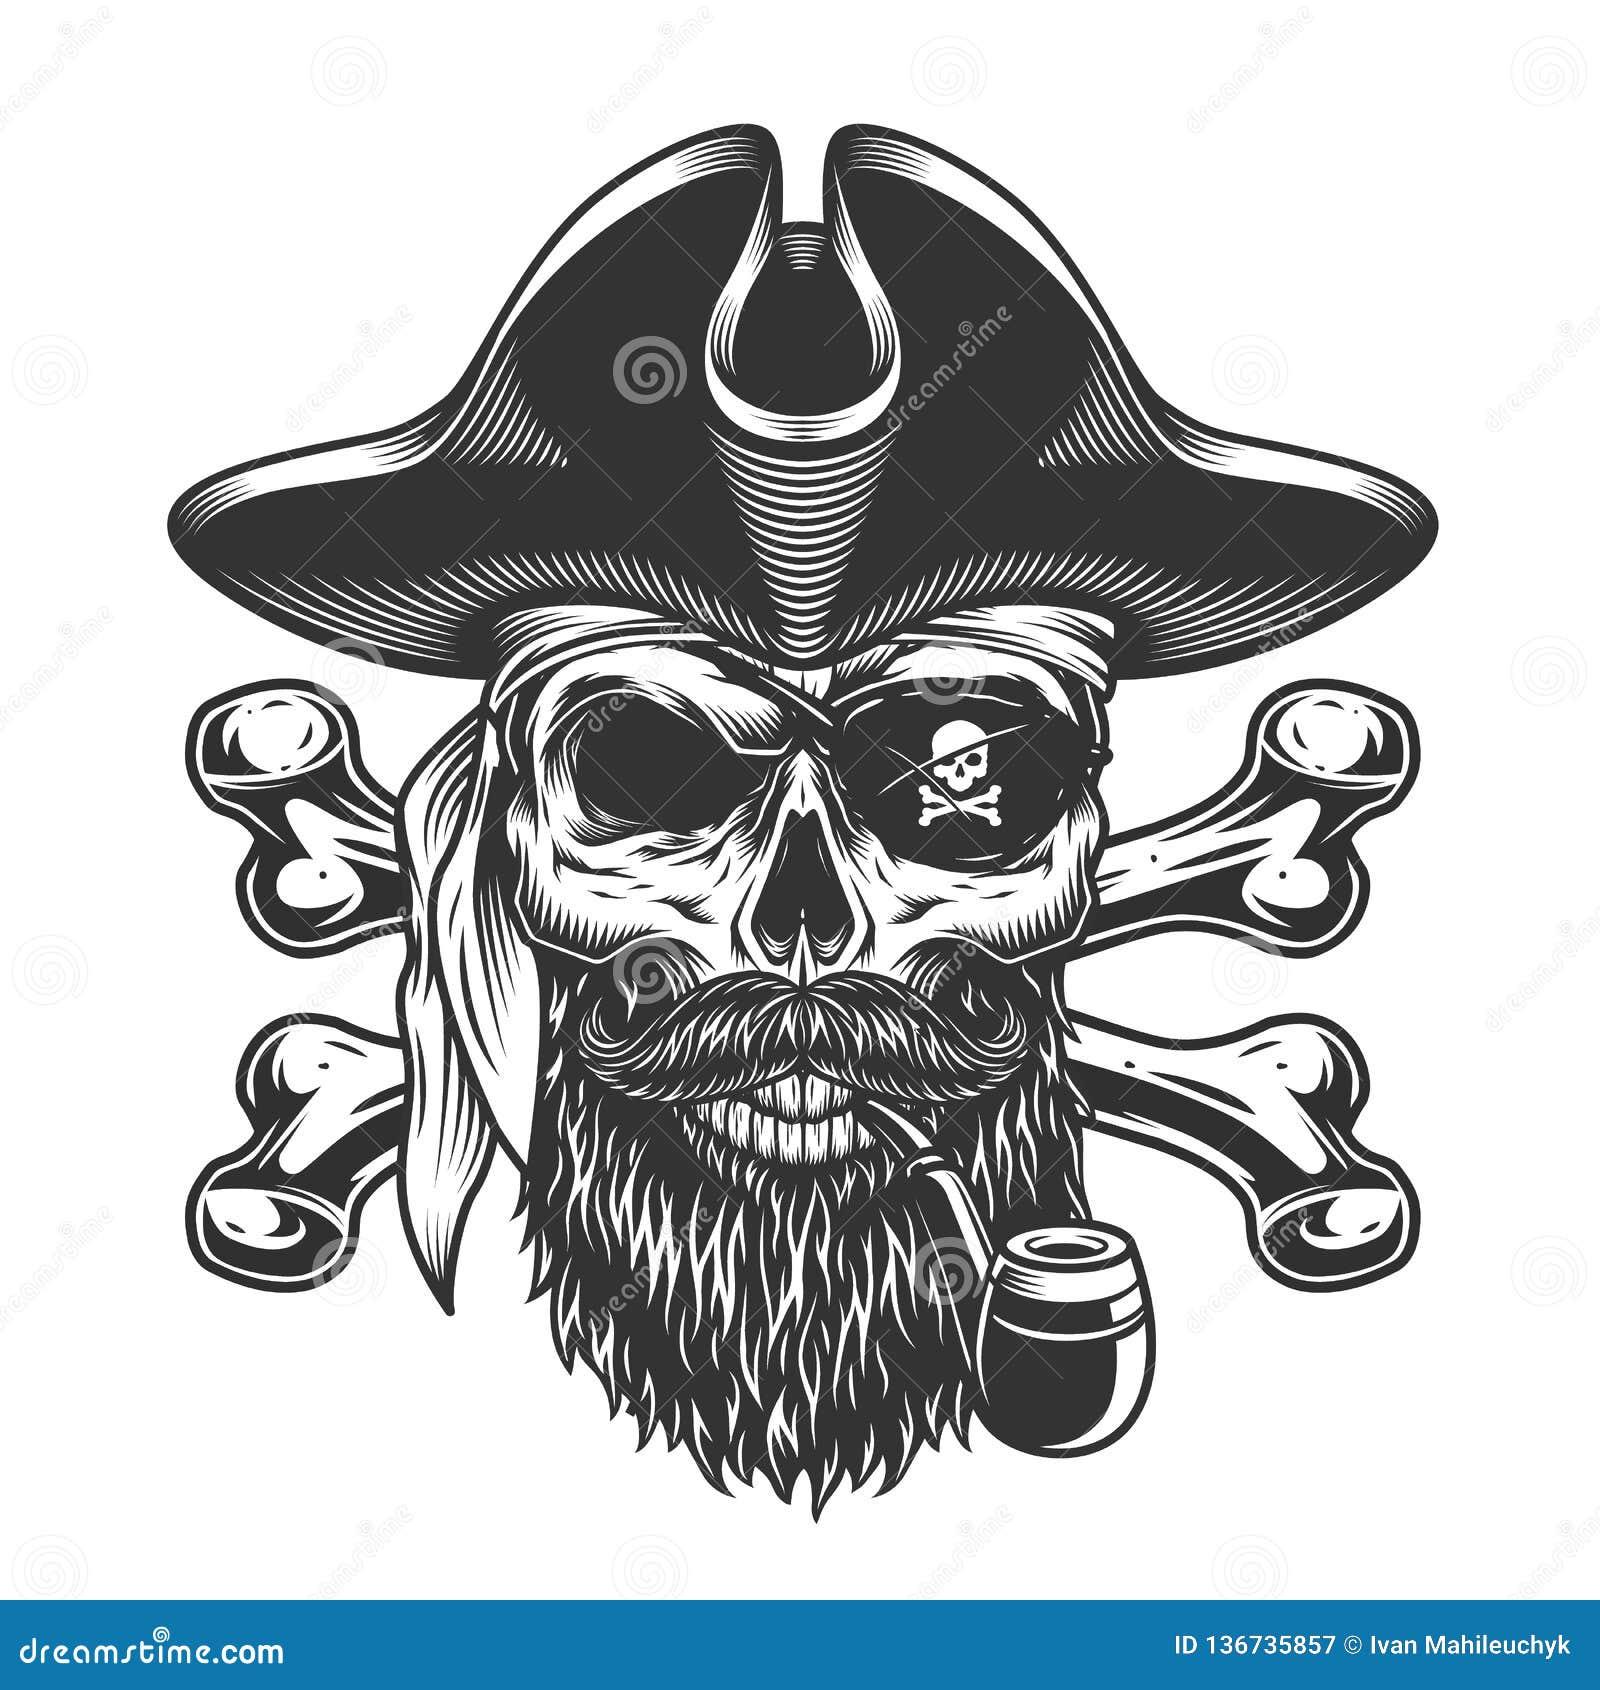 Immagini Di Teschio Pirati teschio di pirata barbuto e mozzato illustrazione vettoriale